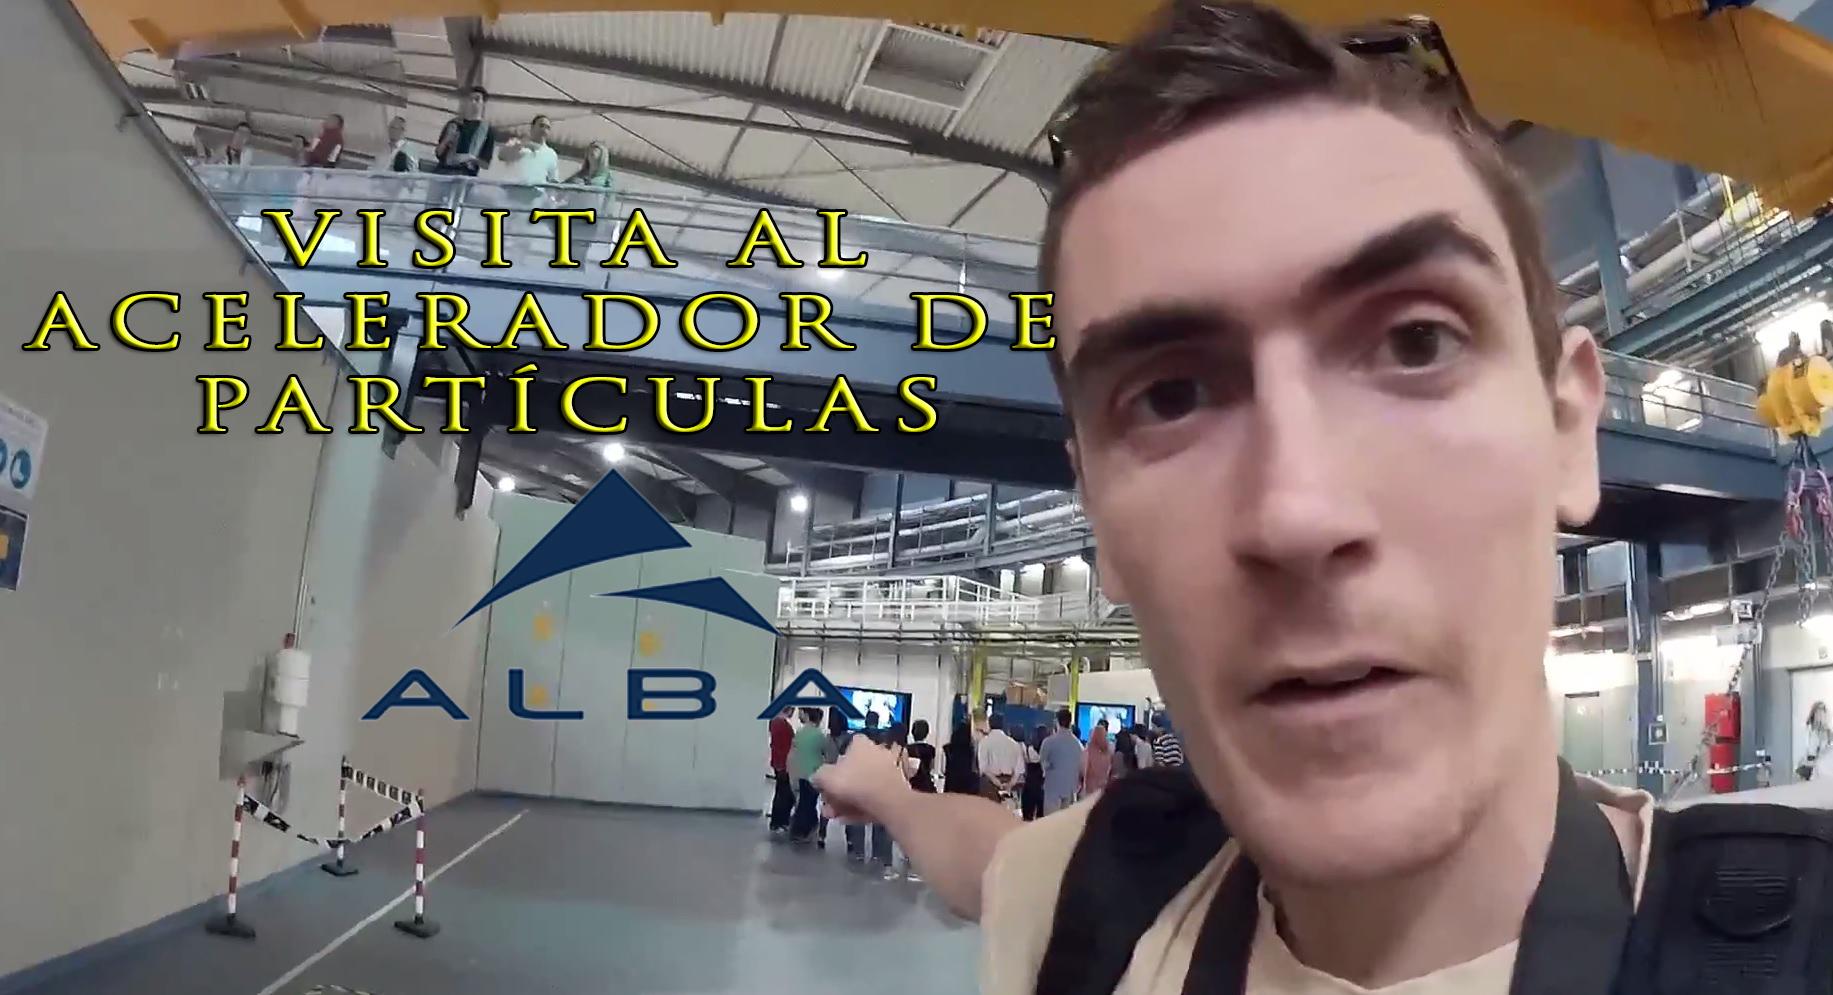 Vídeo-Post: Sincotró ALBA Open Day – Visita al acelerador de partículas